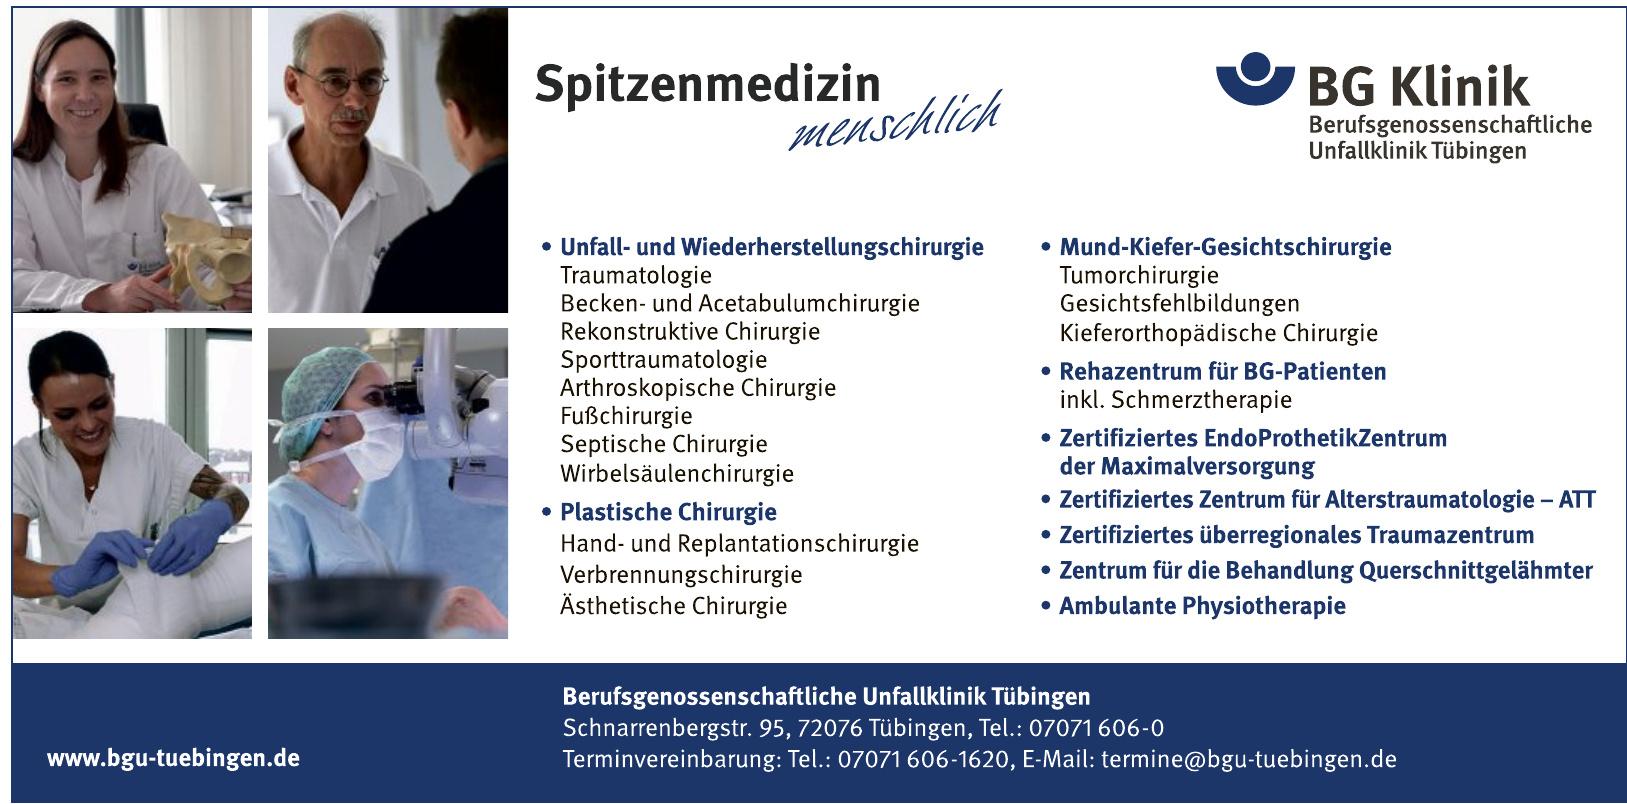 Berufsgenossenschaftliche Unfallklinik Tübingen